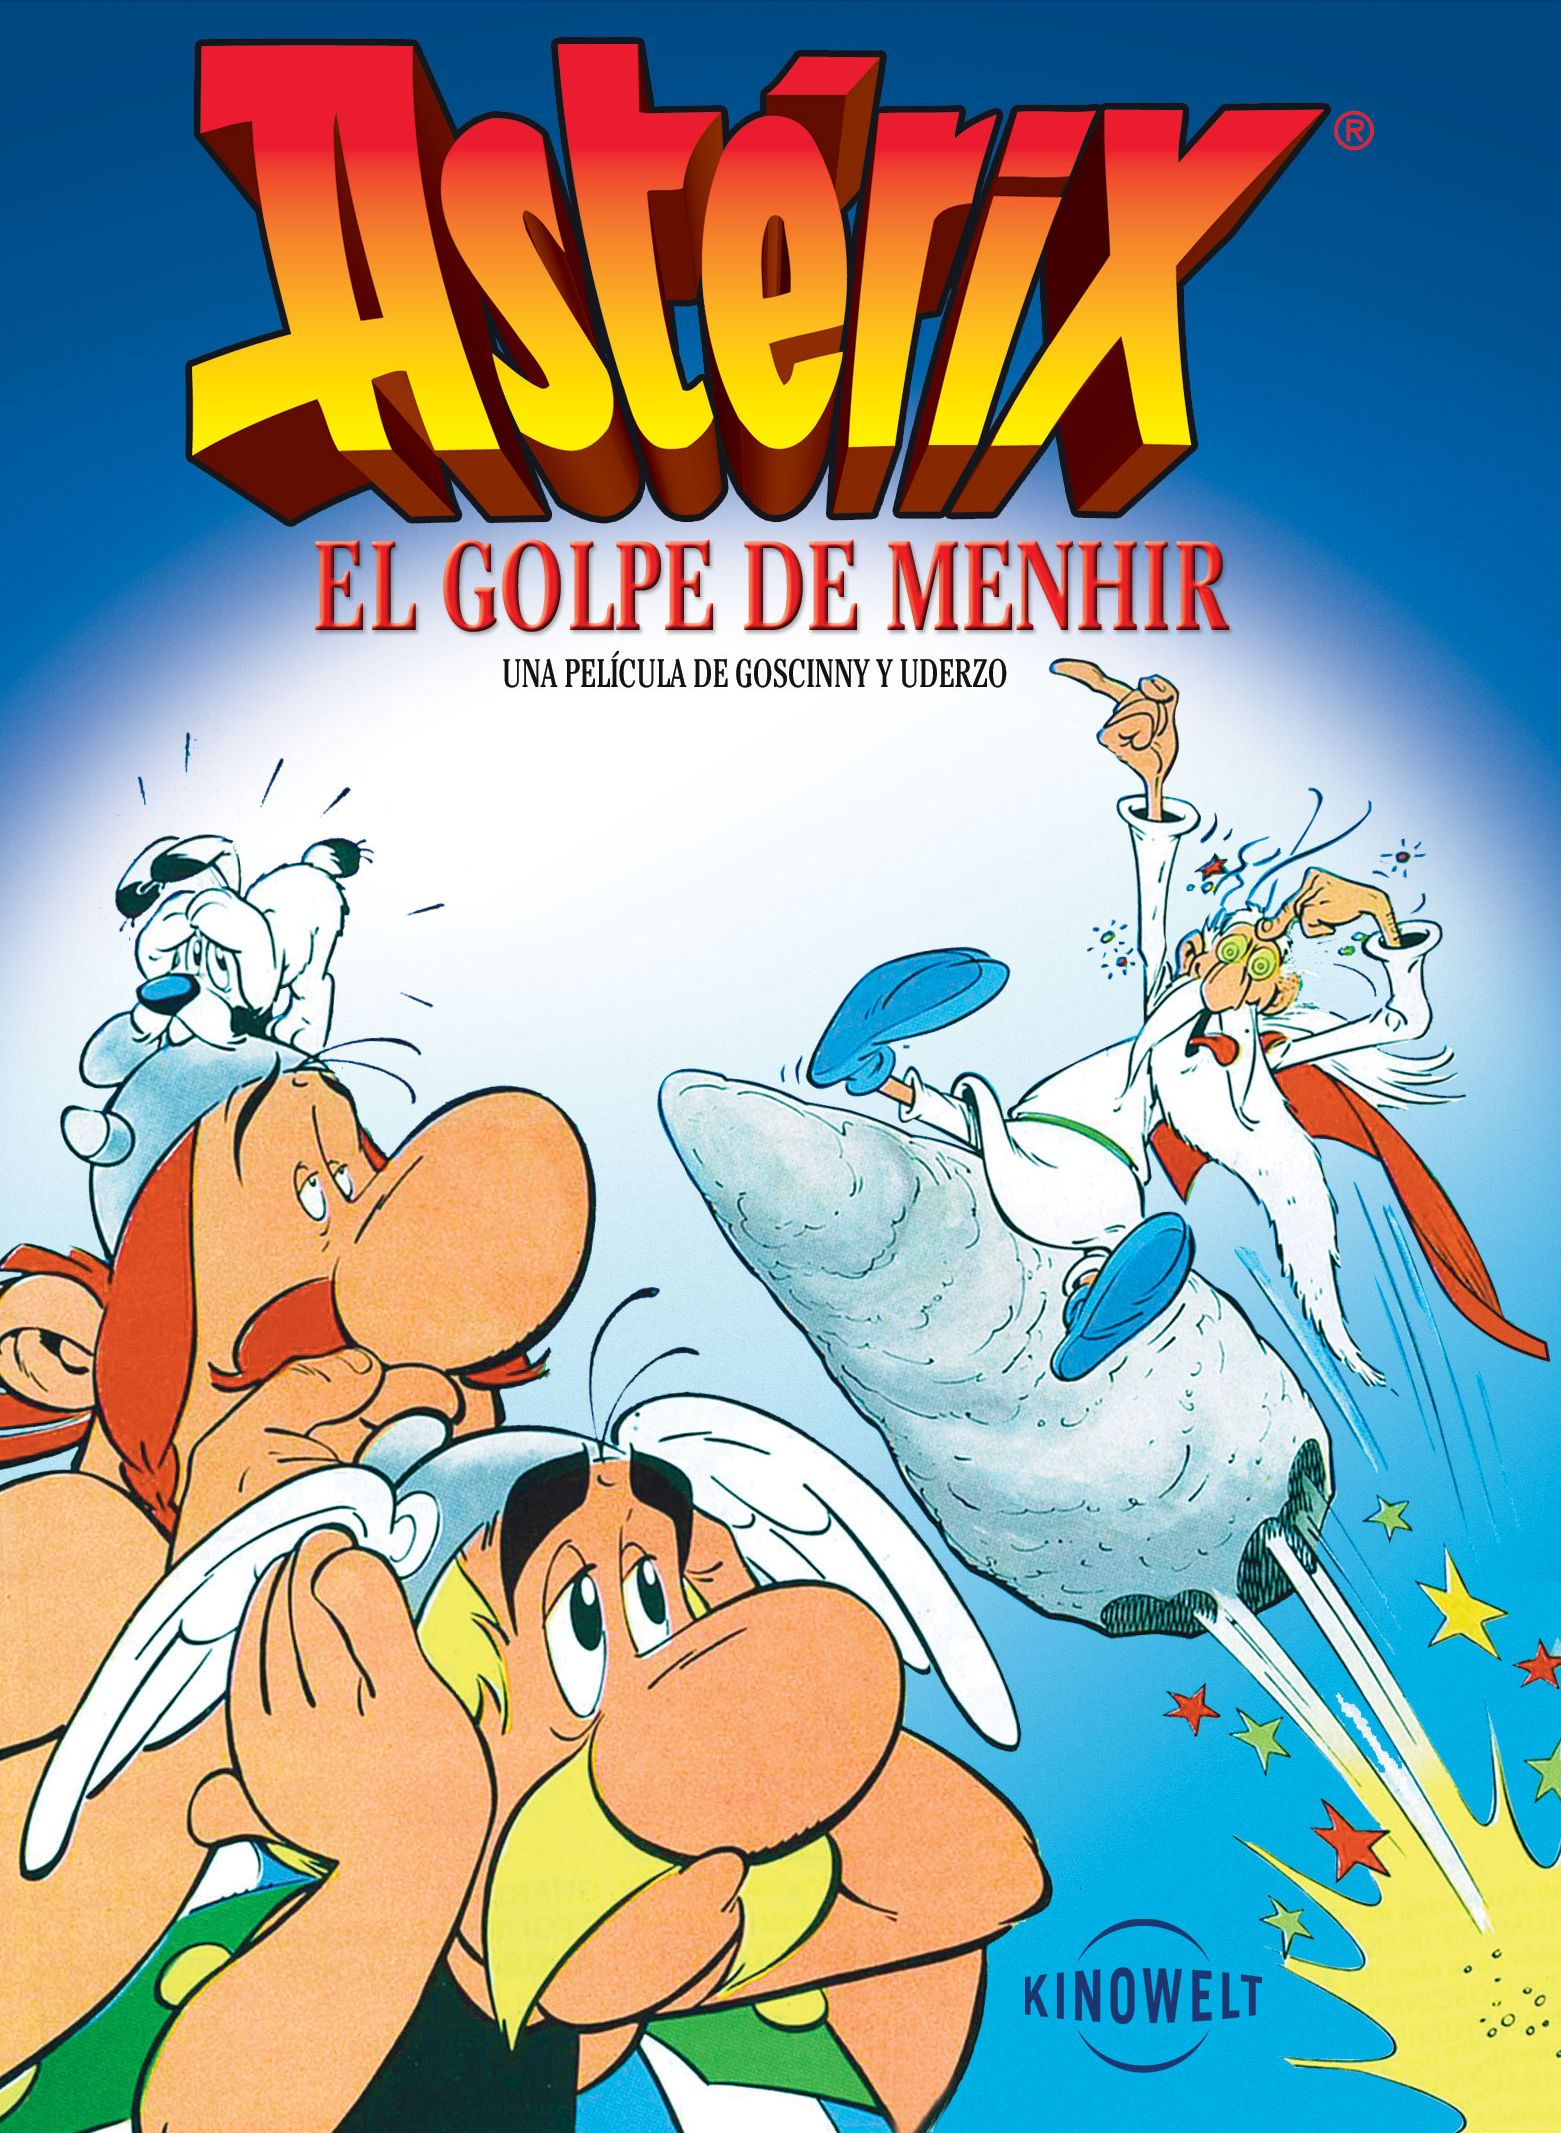 Astérix y el golpe de menhir